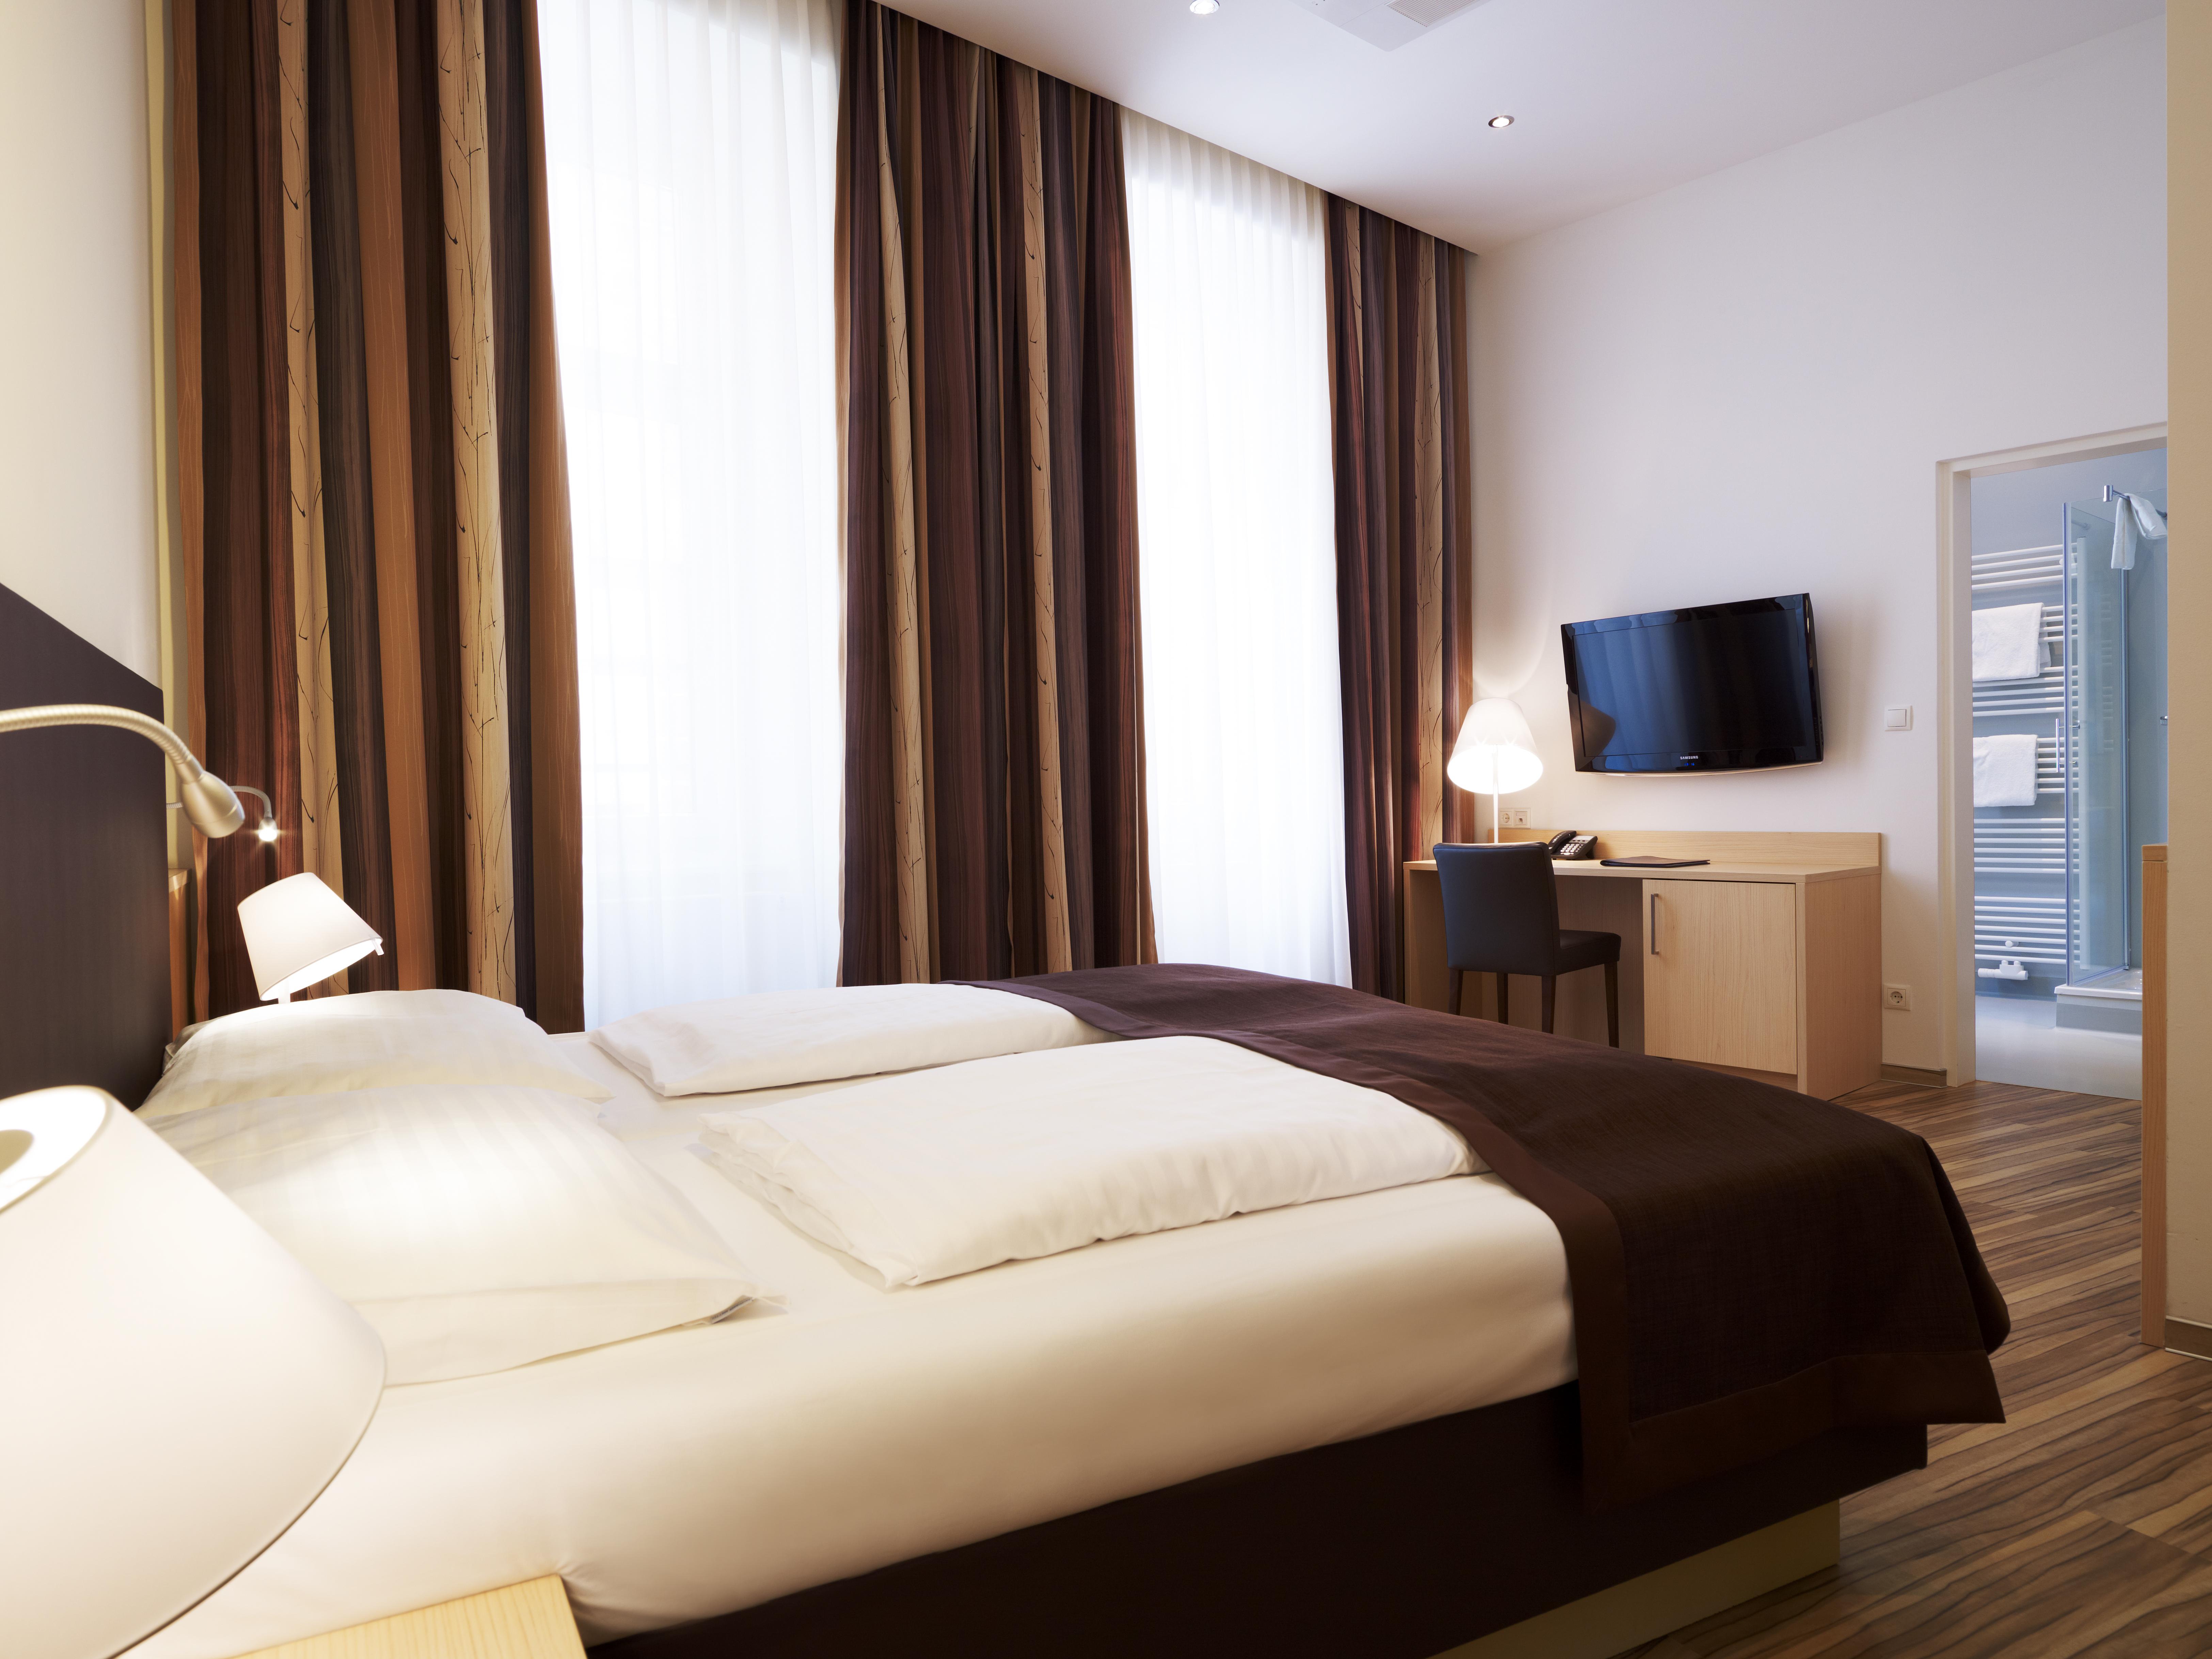 Hotel Zipser Im Zentrum Von Wien Mit Tradition